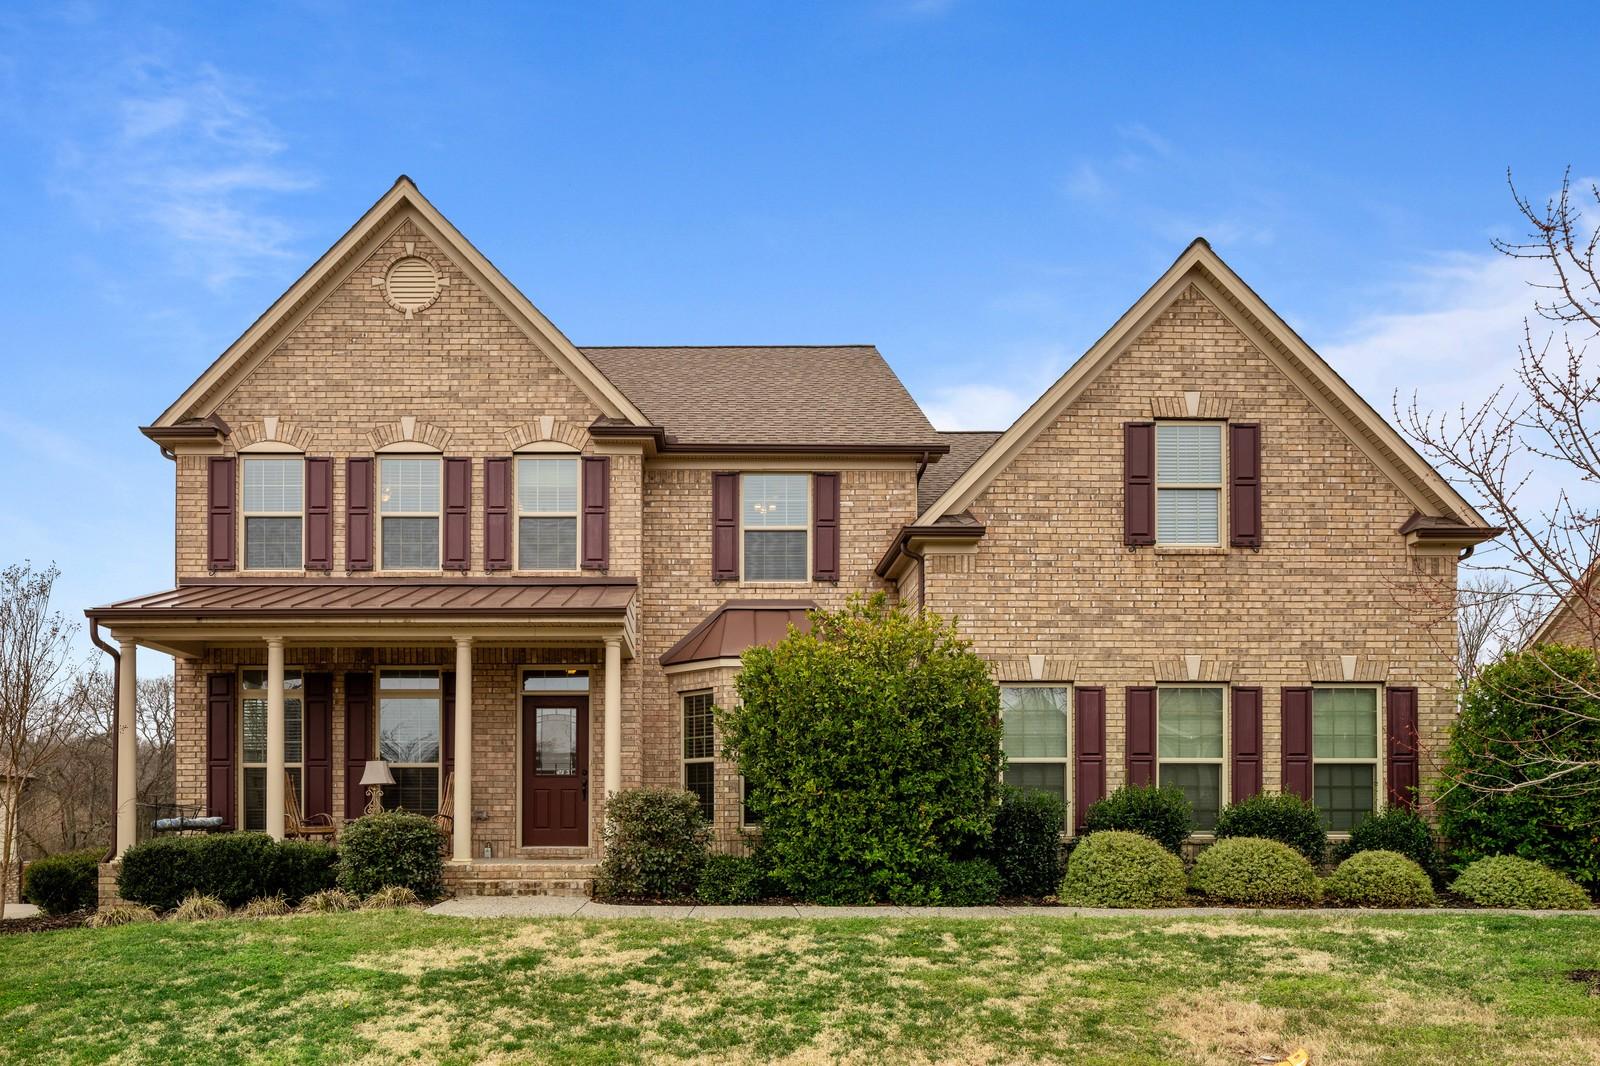 6709 Falls Ridge Ln, College Grove, TN 37046 - College Grove, TN real estate listing